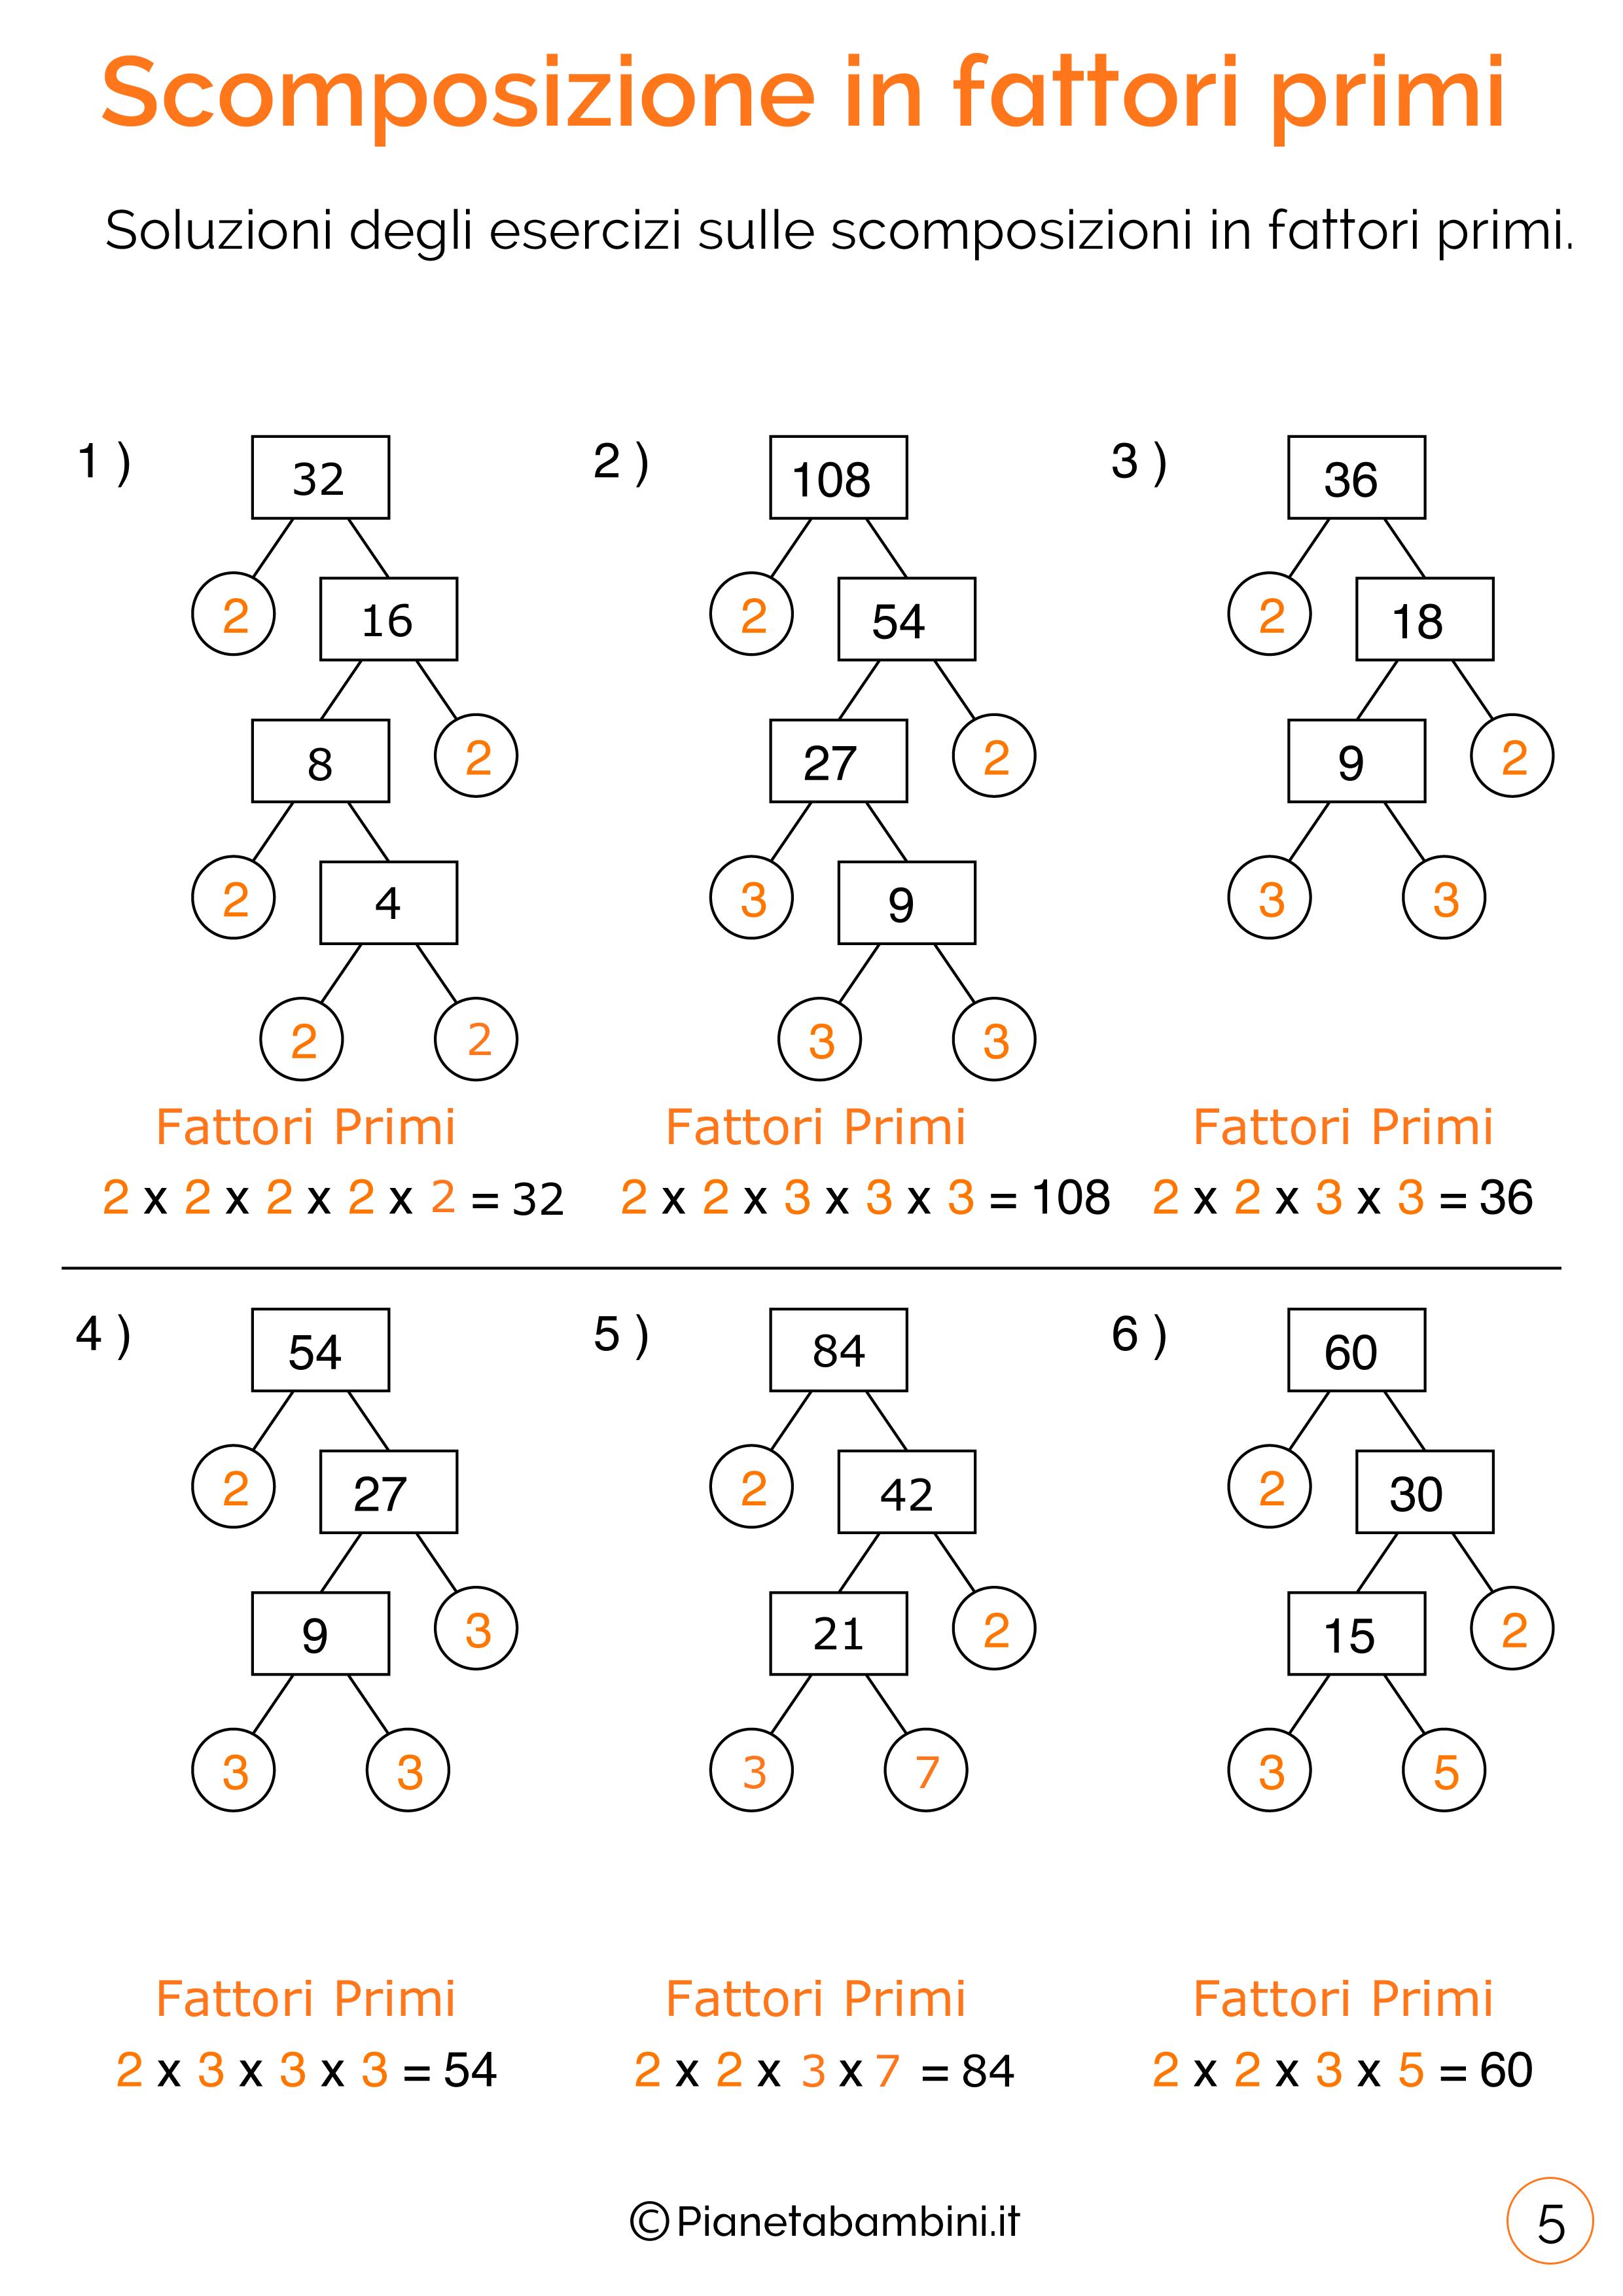 Soluzioni-Scomposizione-Fattori-Primi-5